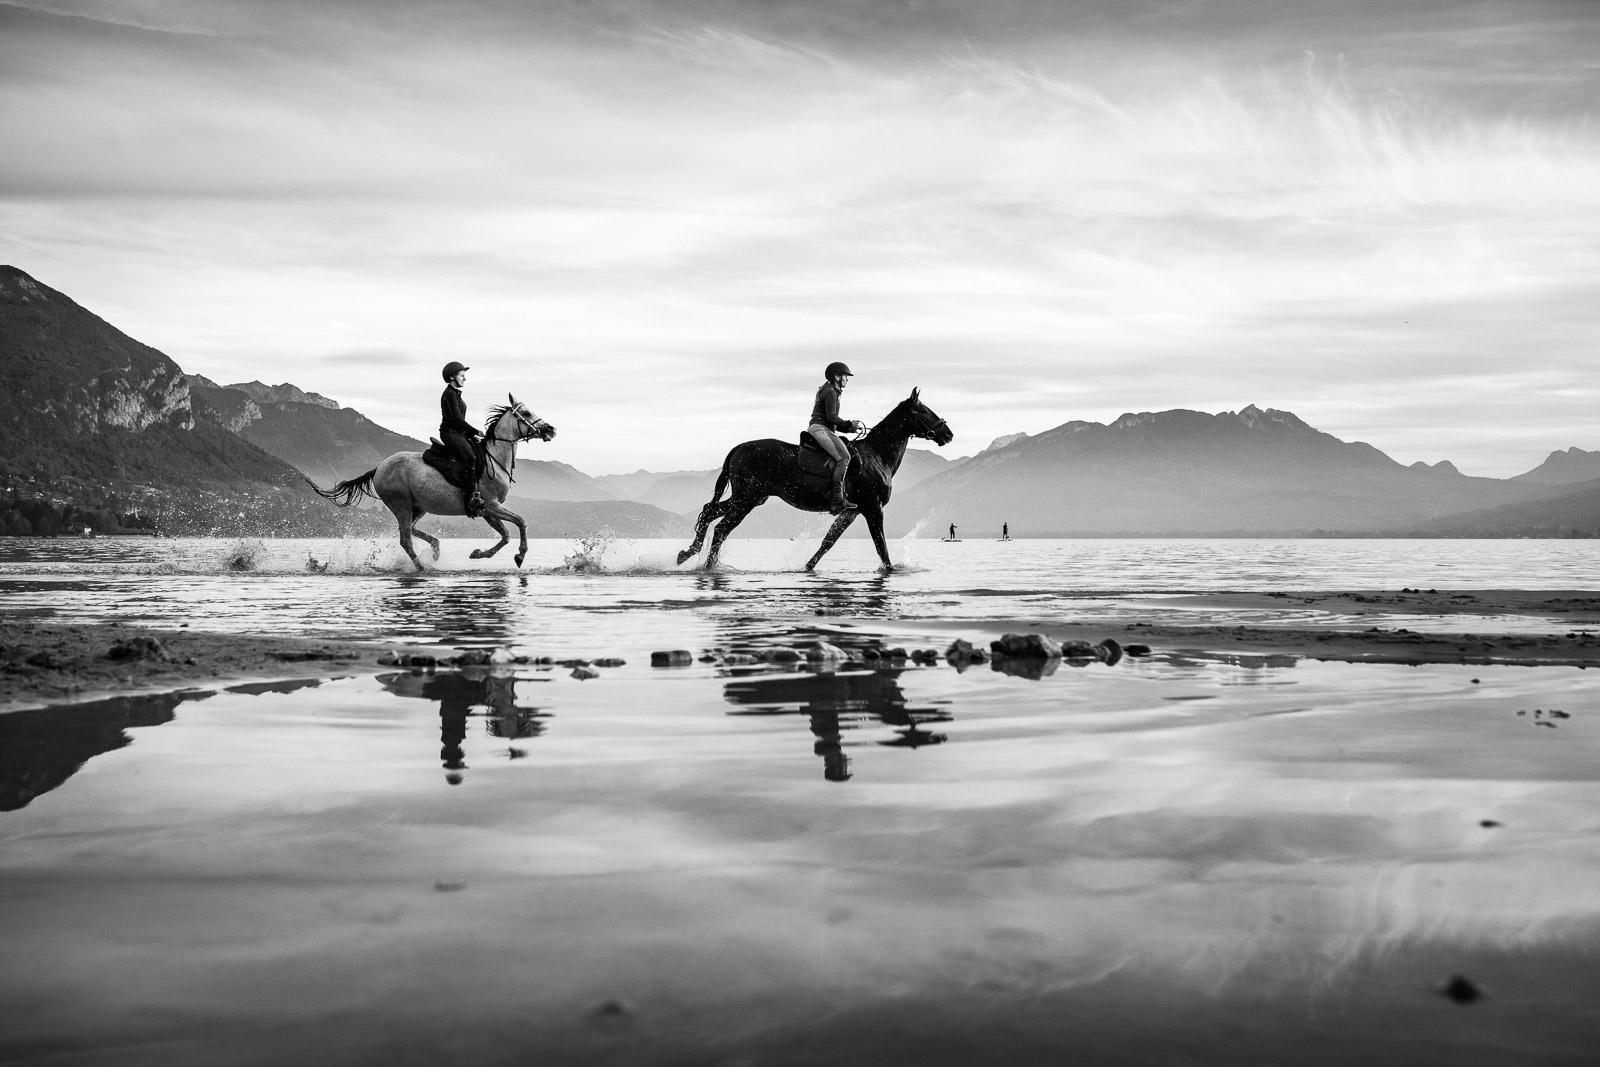 Cavalières et chevaux se promenant sur l'eau